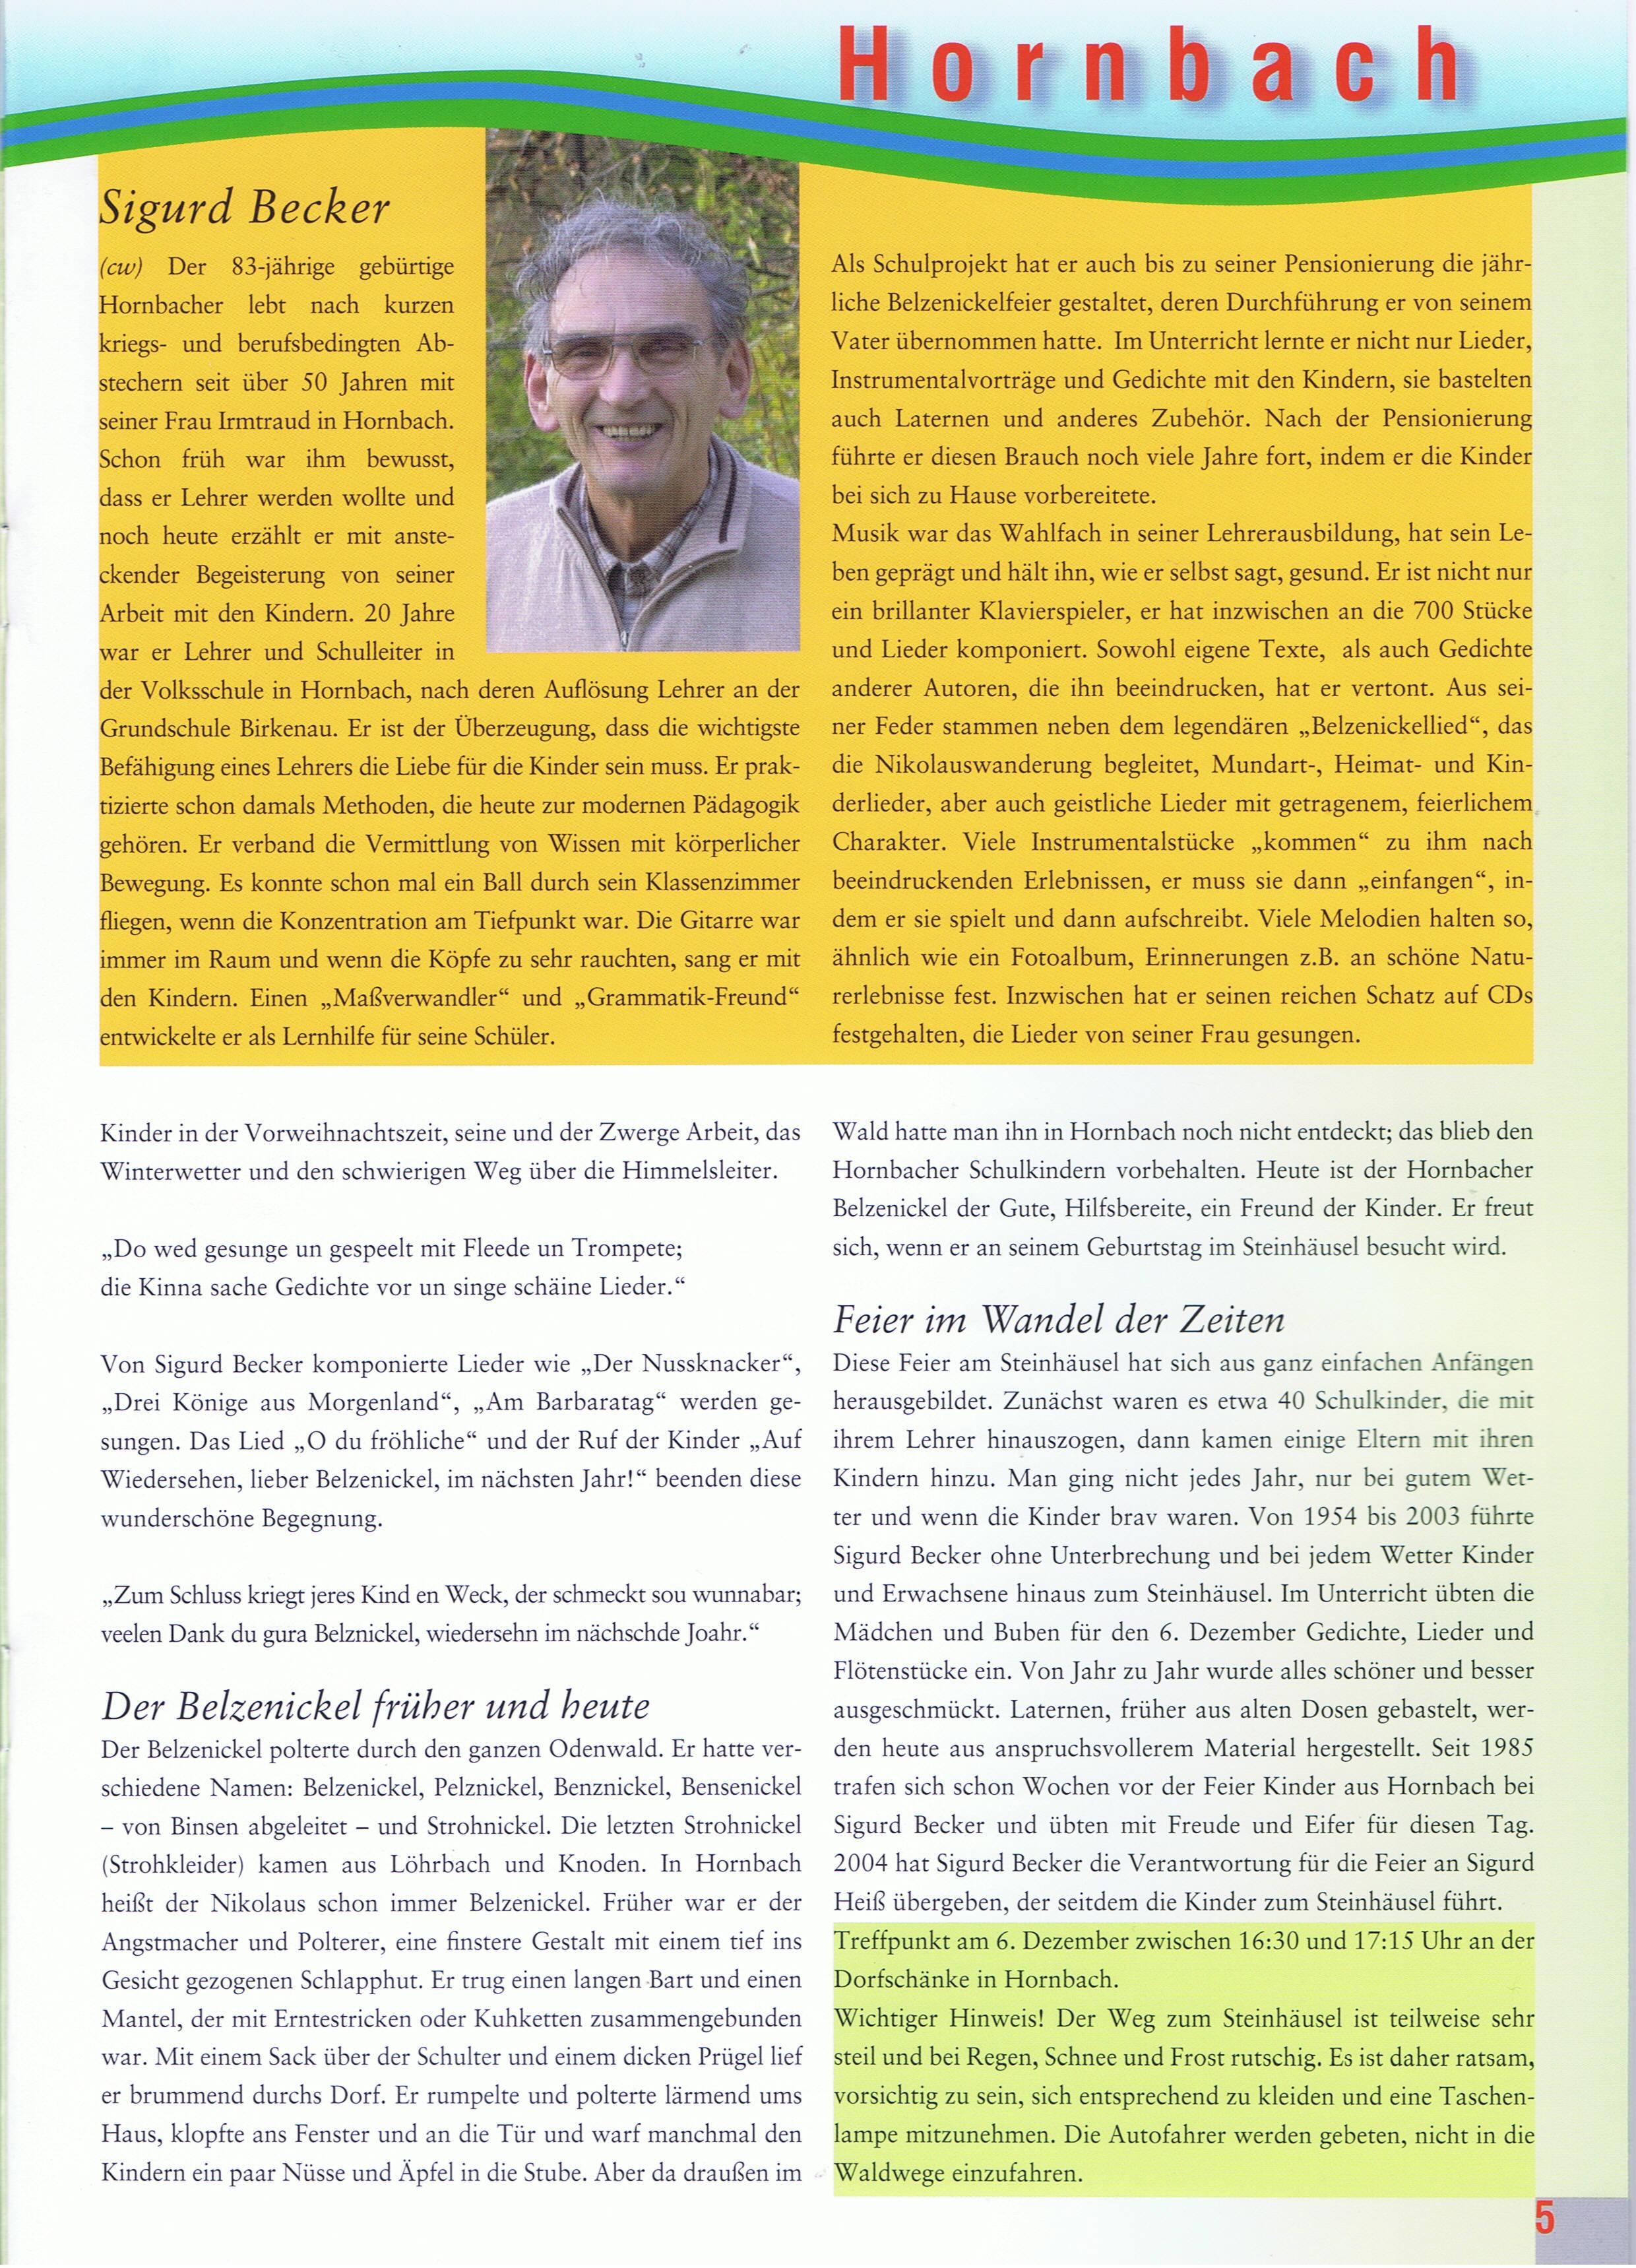 Weschnitzblitz-Bericht II 09-11-28